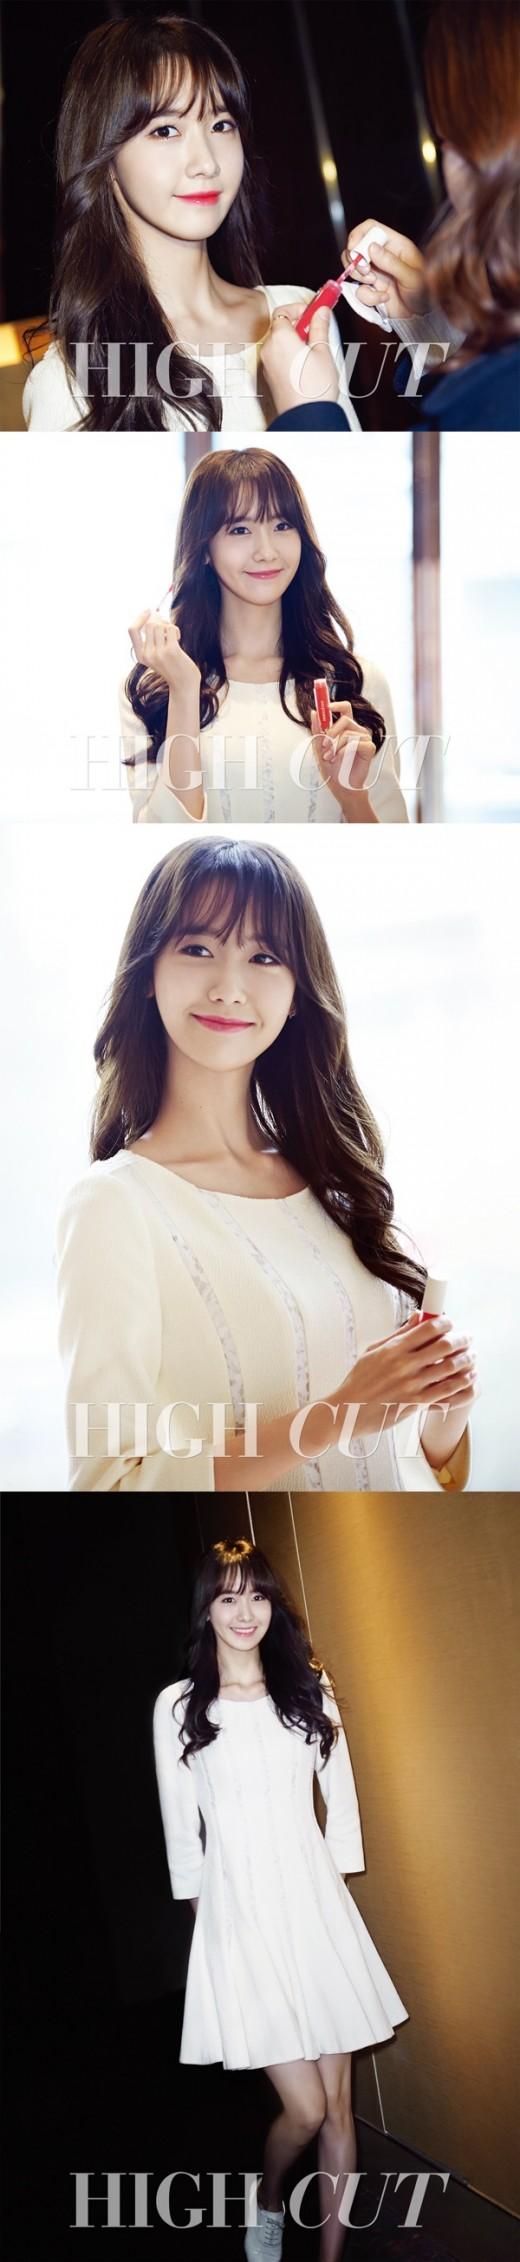 소녀시대 윤아, 자체발광 미모…상하이 빛낸 레드립